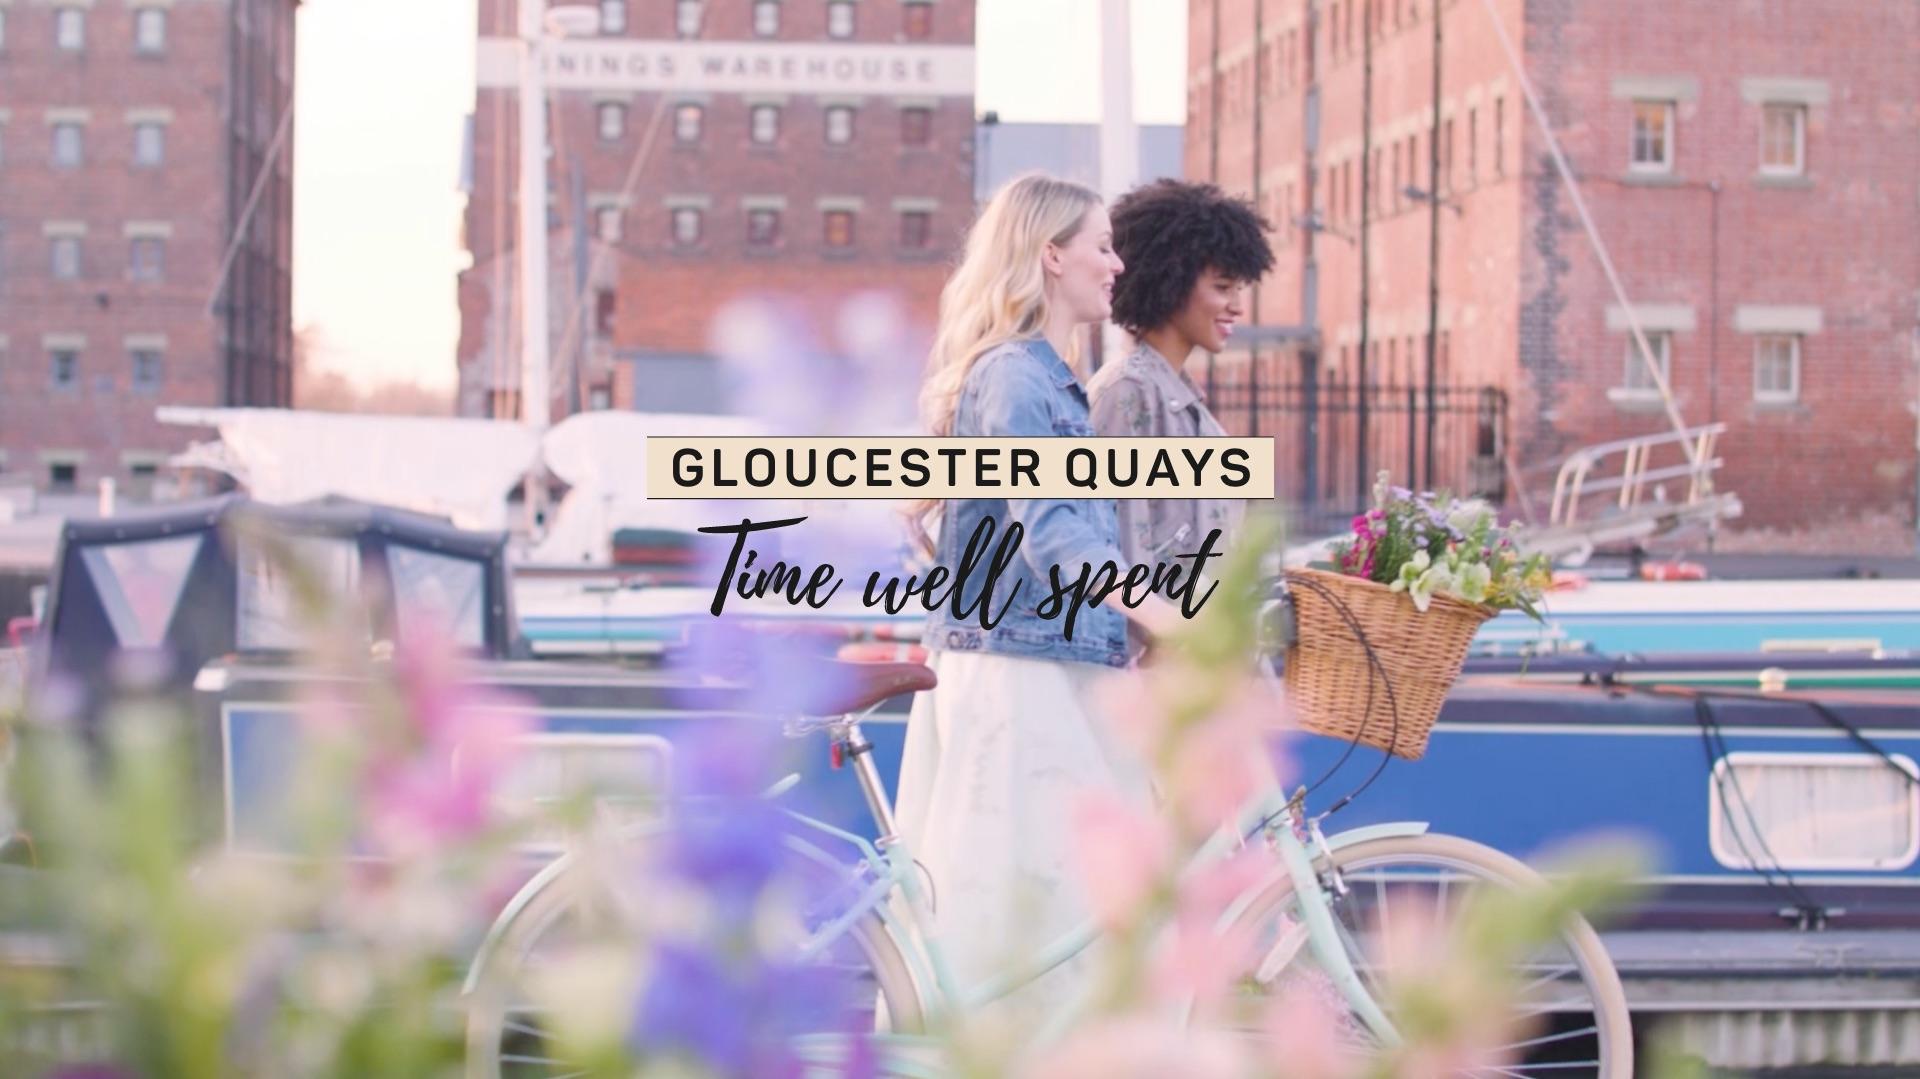 Gloucester-quays-header-fkclondon